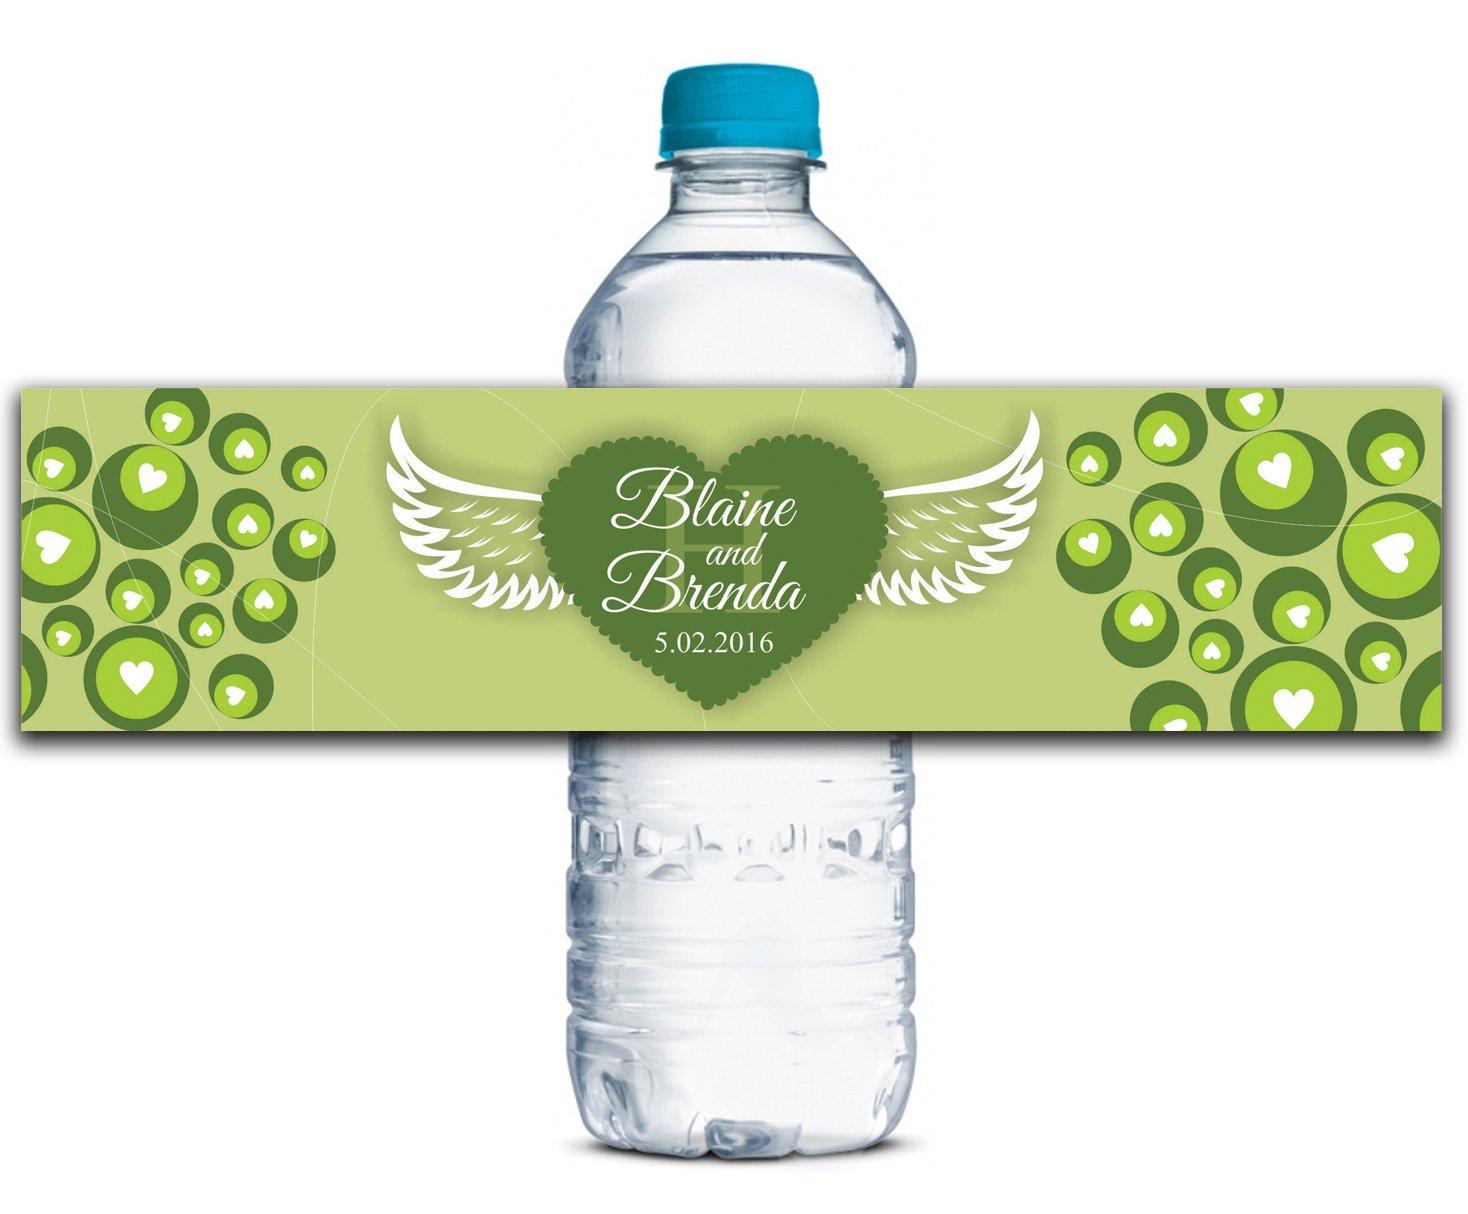 Personalisierte Wasserflasche Etiketten Selbstklebende wasserdichte Kundenspezifische Hochzeits-Aufkleber 8  x 2  Zoll - 70 Etiketten B01A0W2XCA | Online Outlet Shop